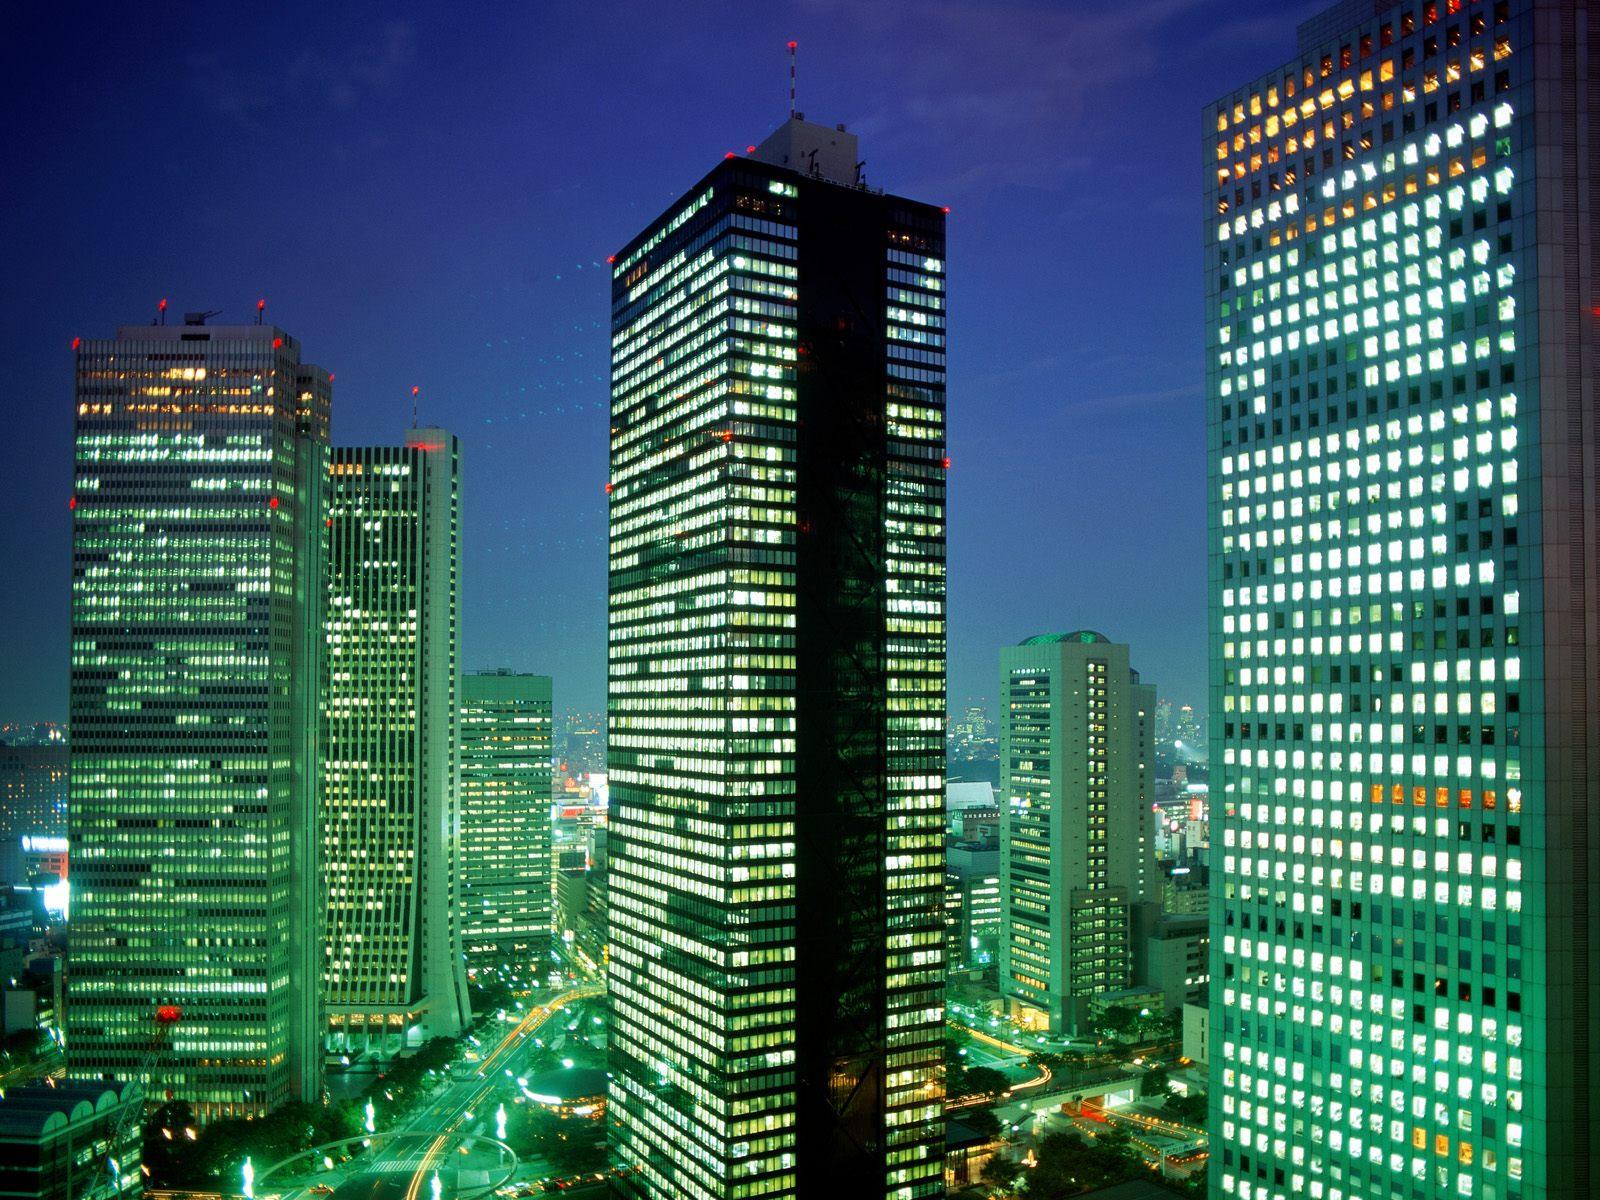 美丽的城市夜景 - 清影 - 清影摇风